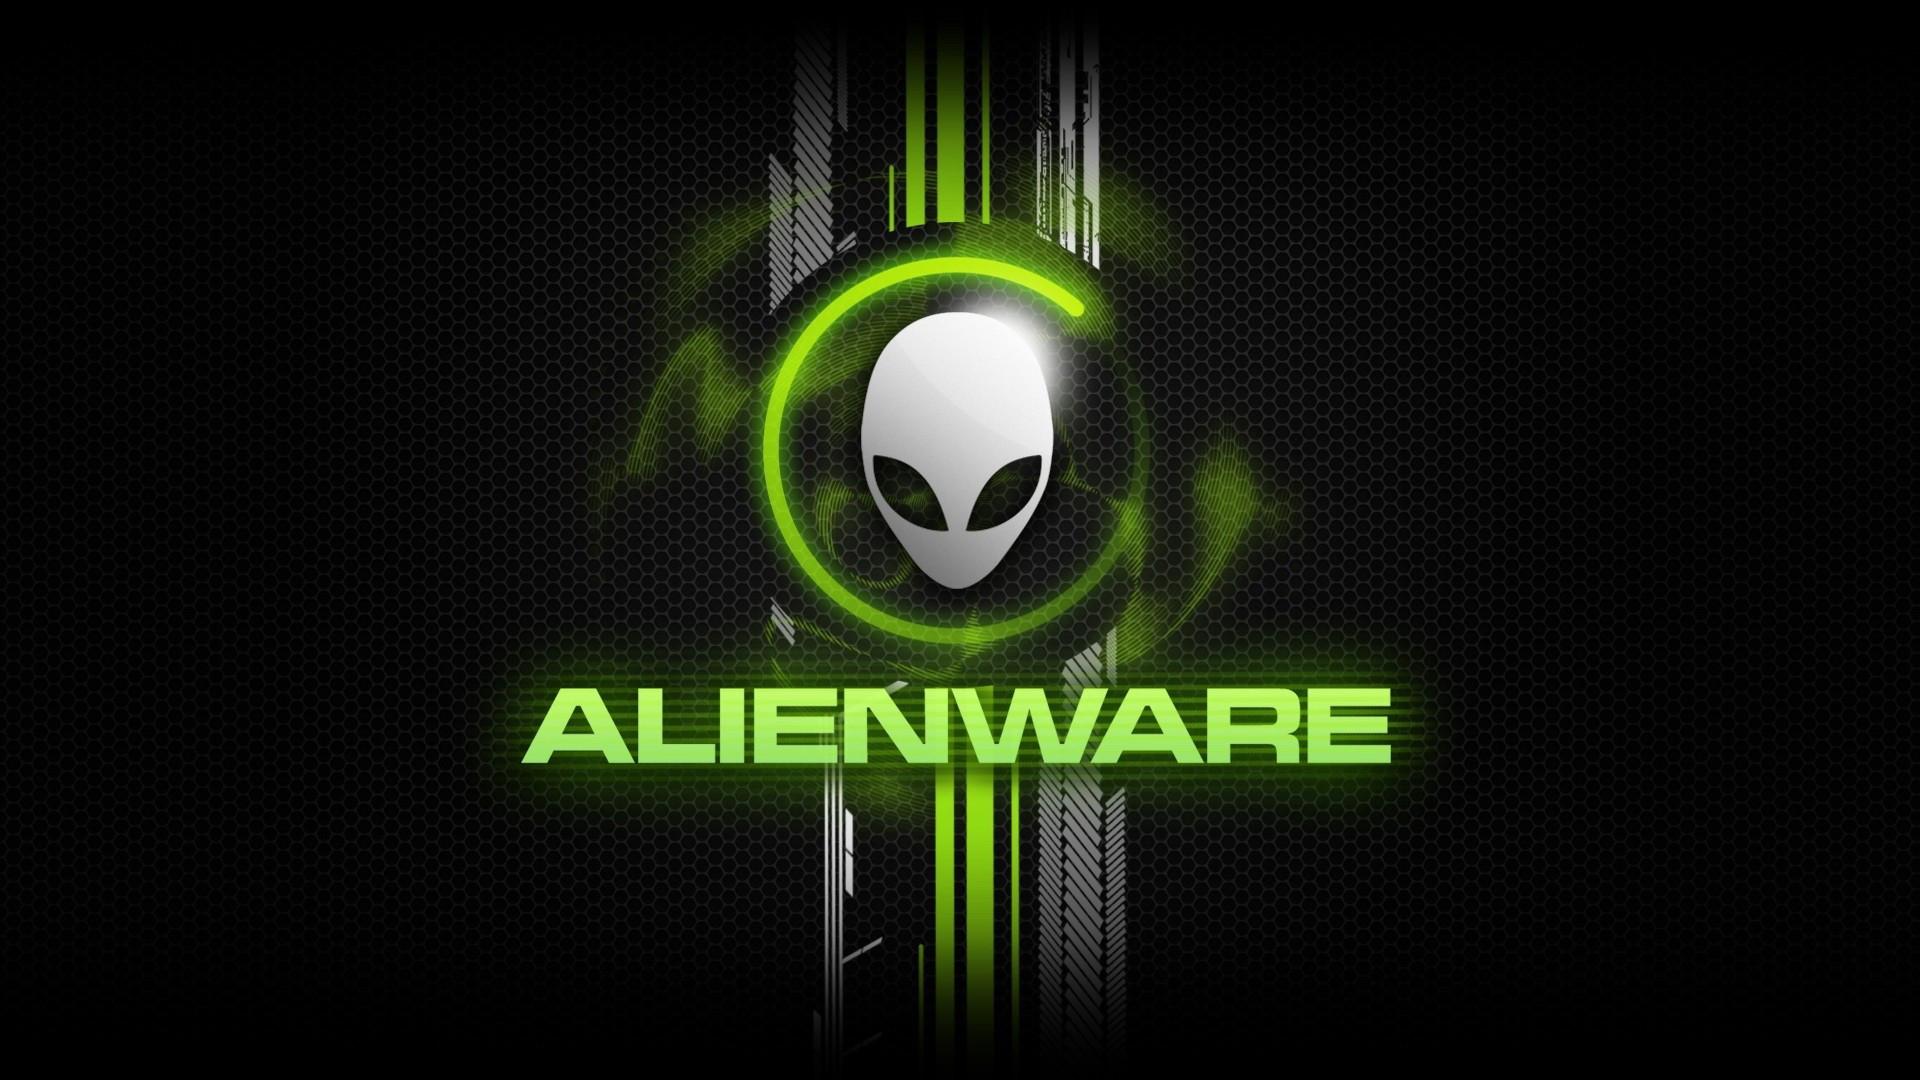 Alienware Desktop Background Alien Head Green Honeycomb Design 1920×1080